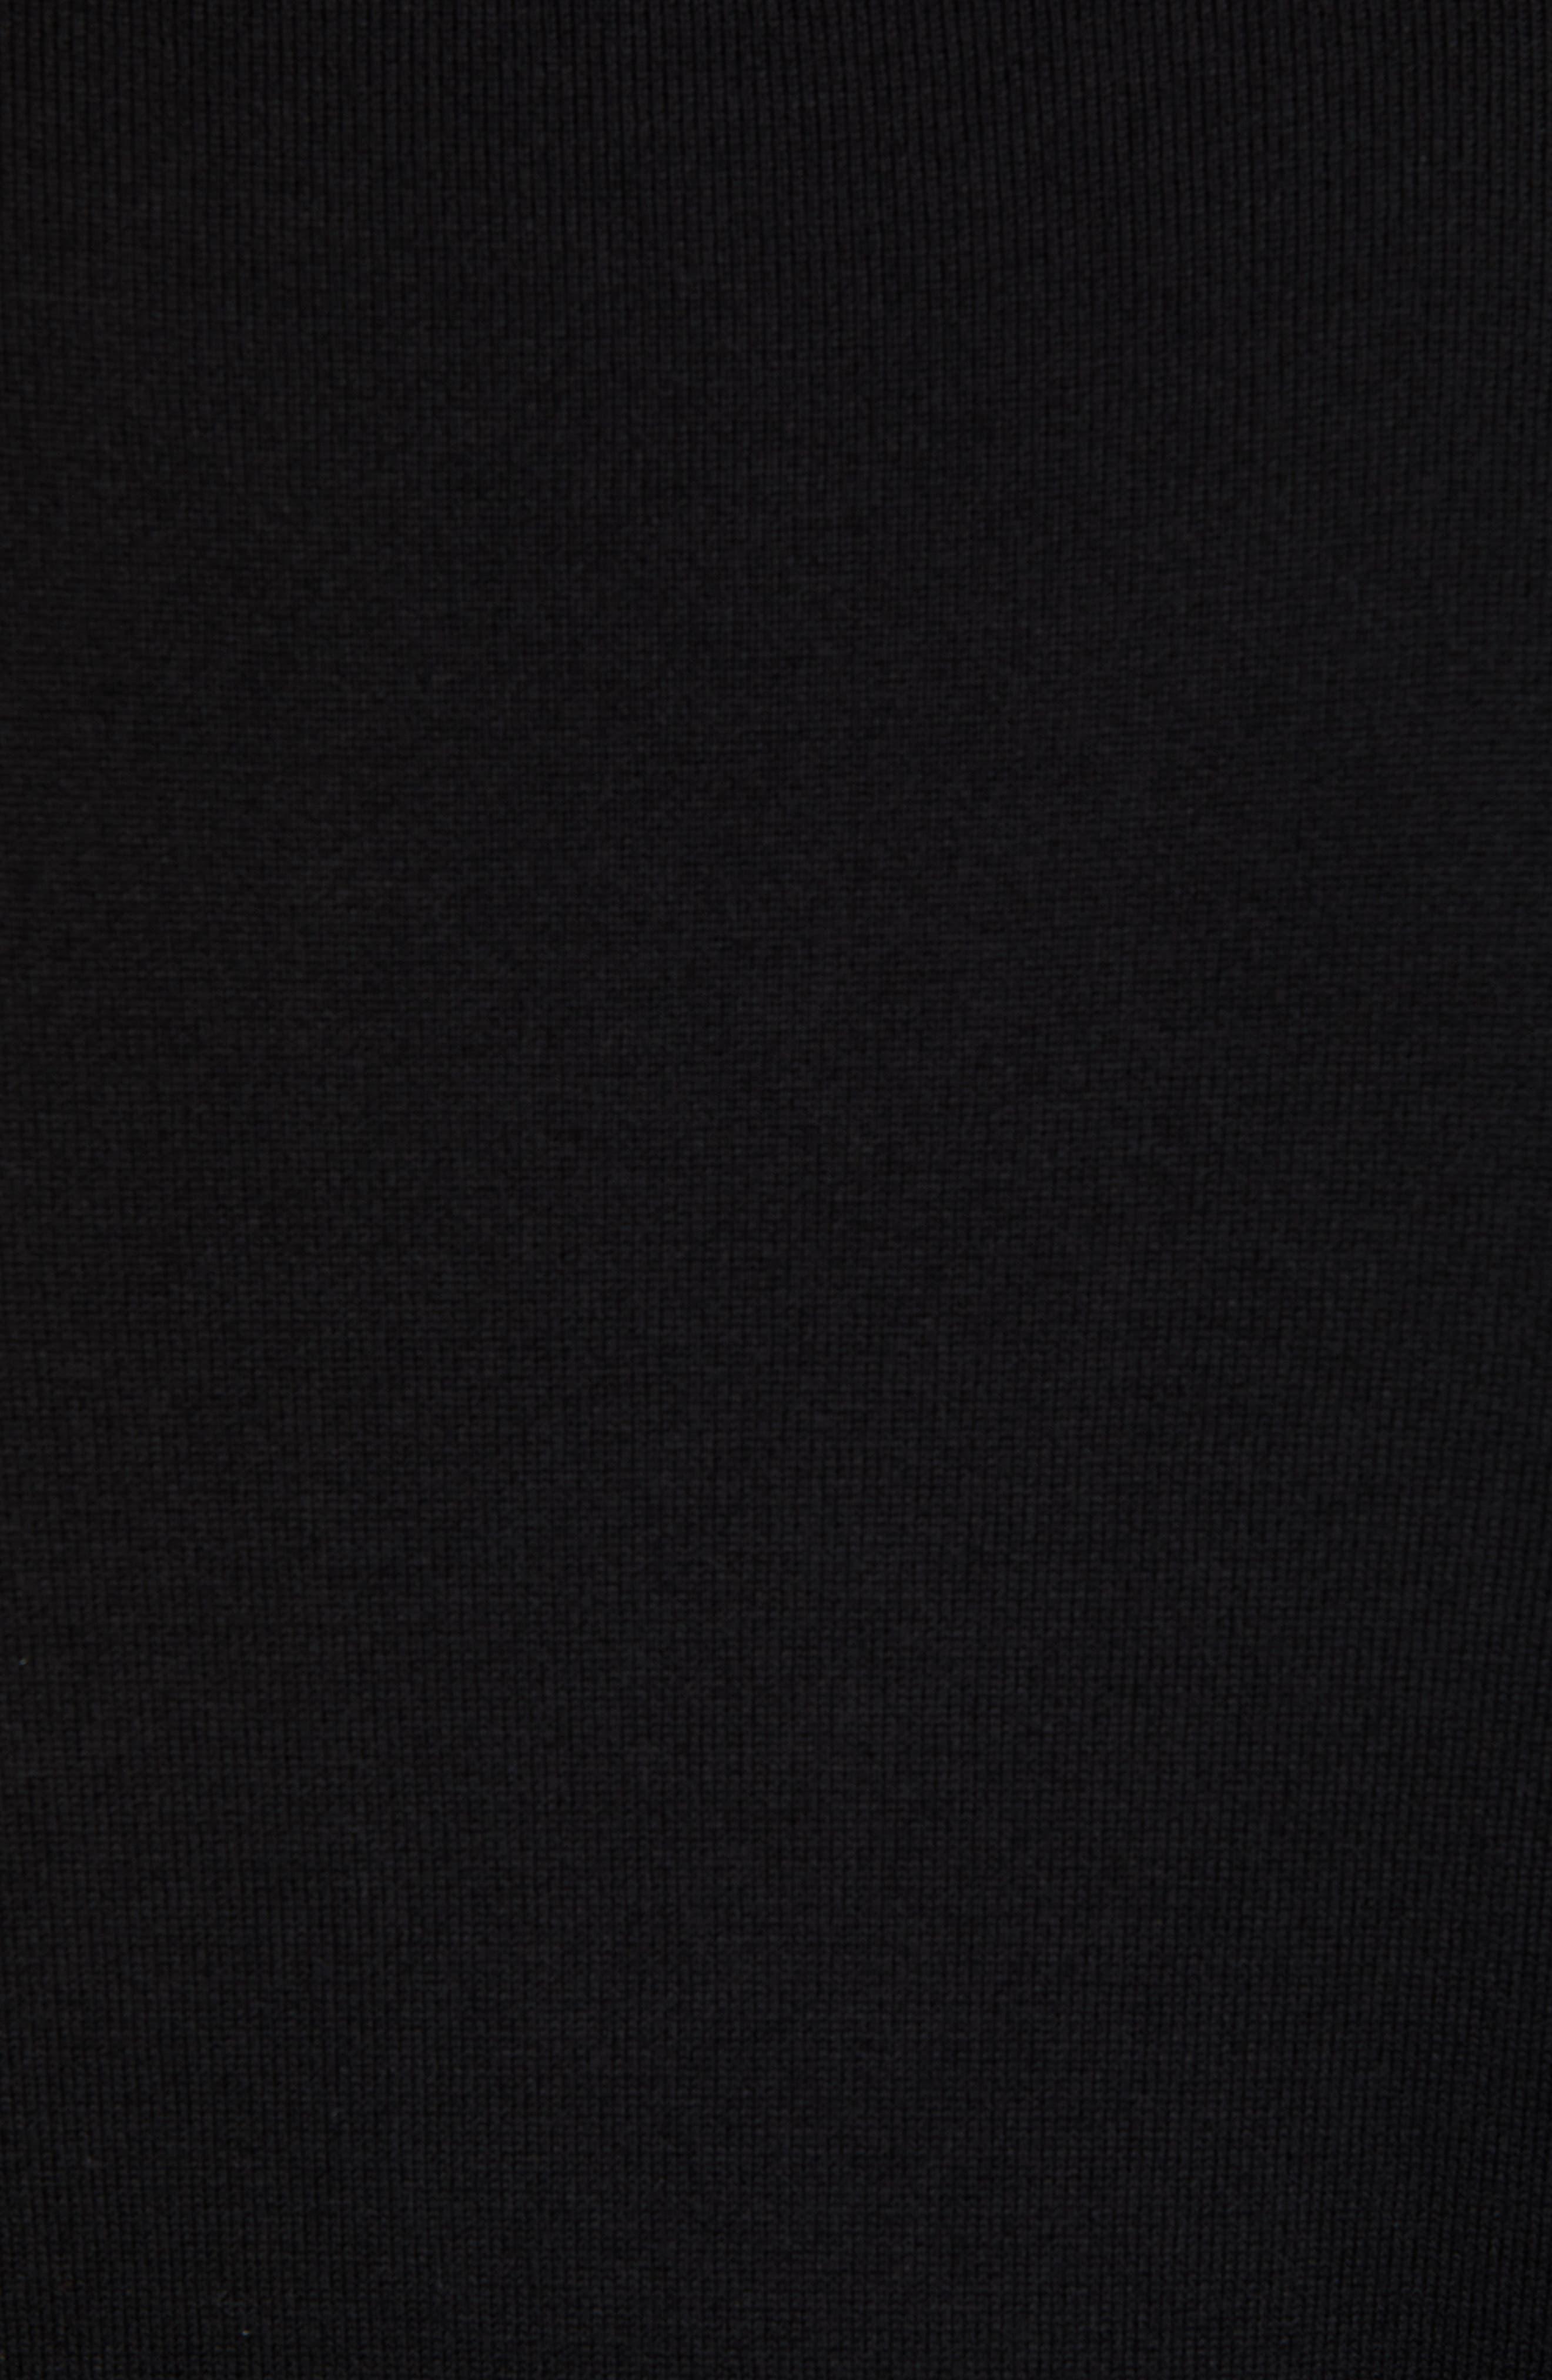 Philadelphia Eagles - Lakemont Regular Fit Quarter Zip Sweater,                             Alternate thumbnail 5, color,                             001